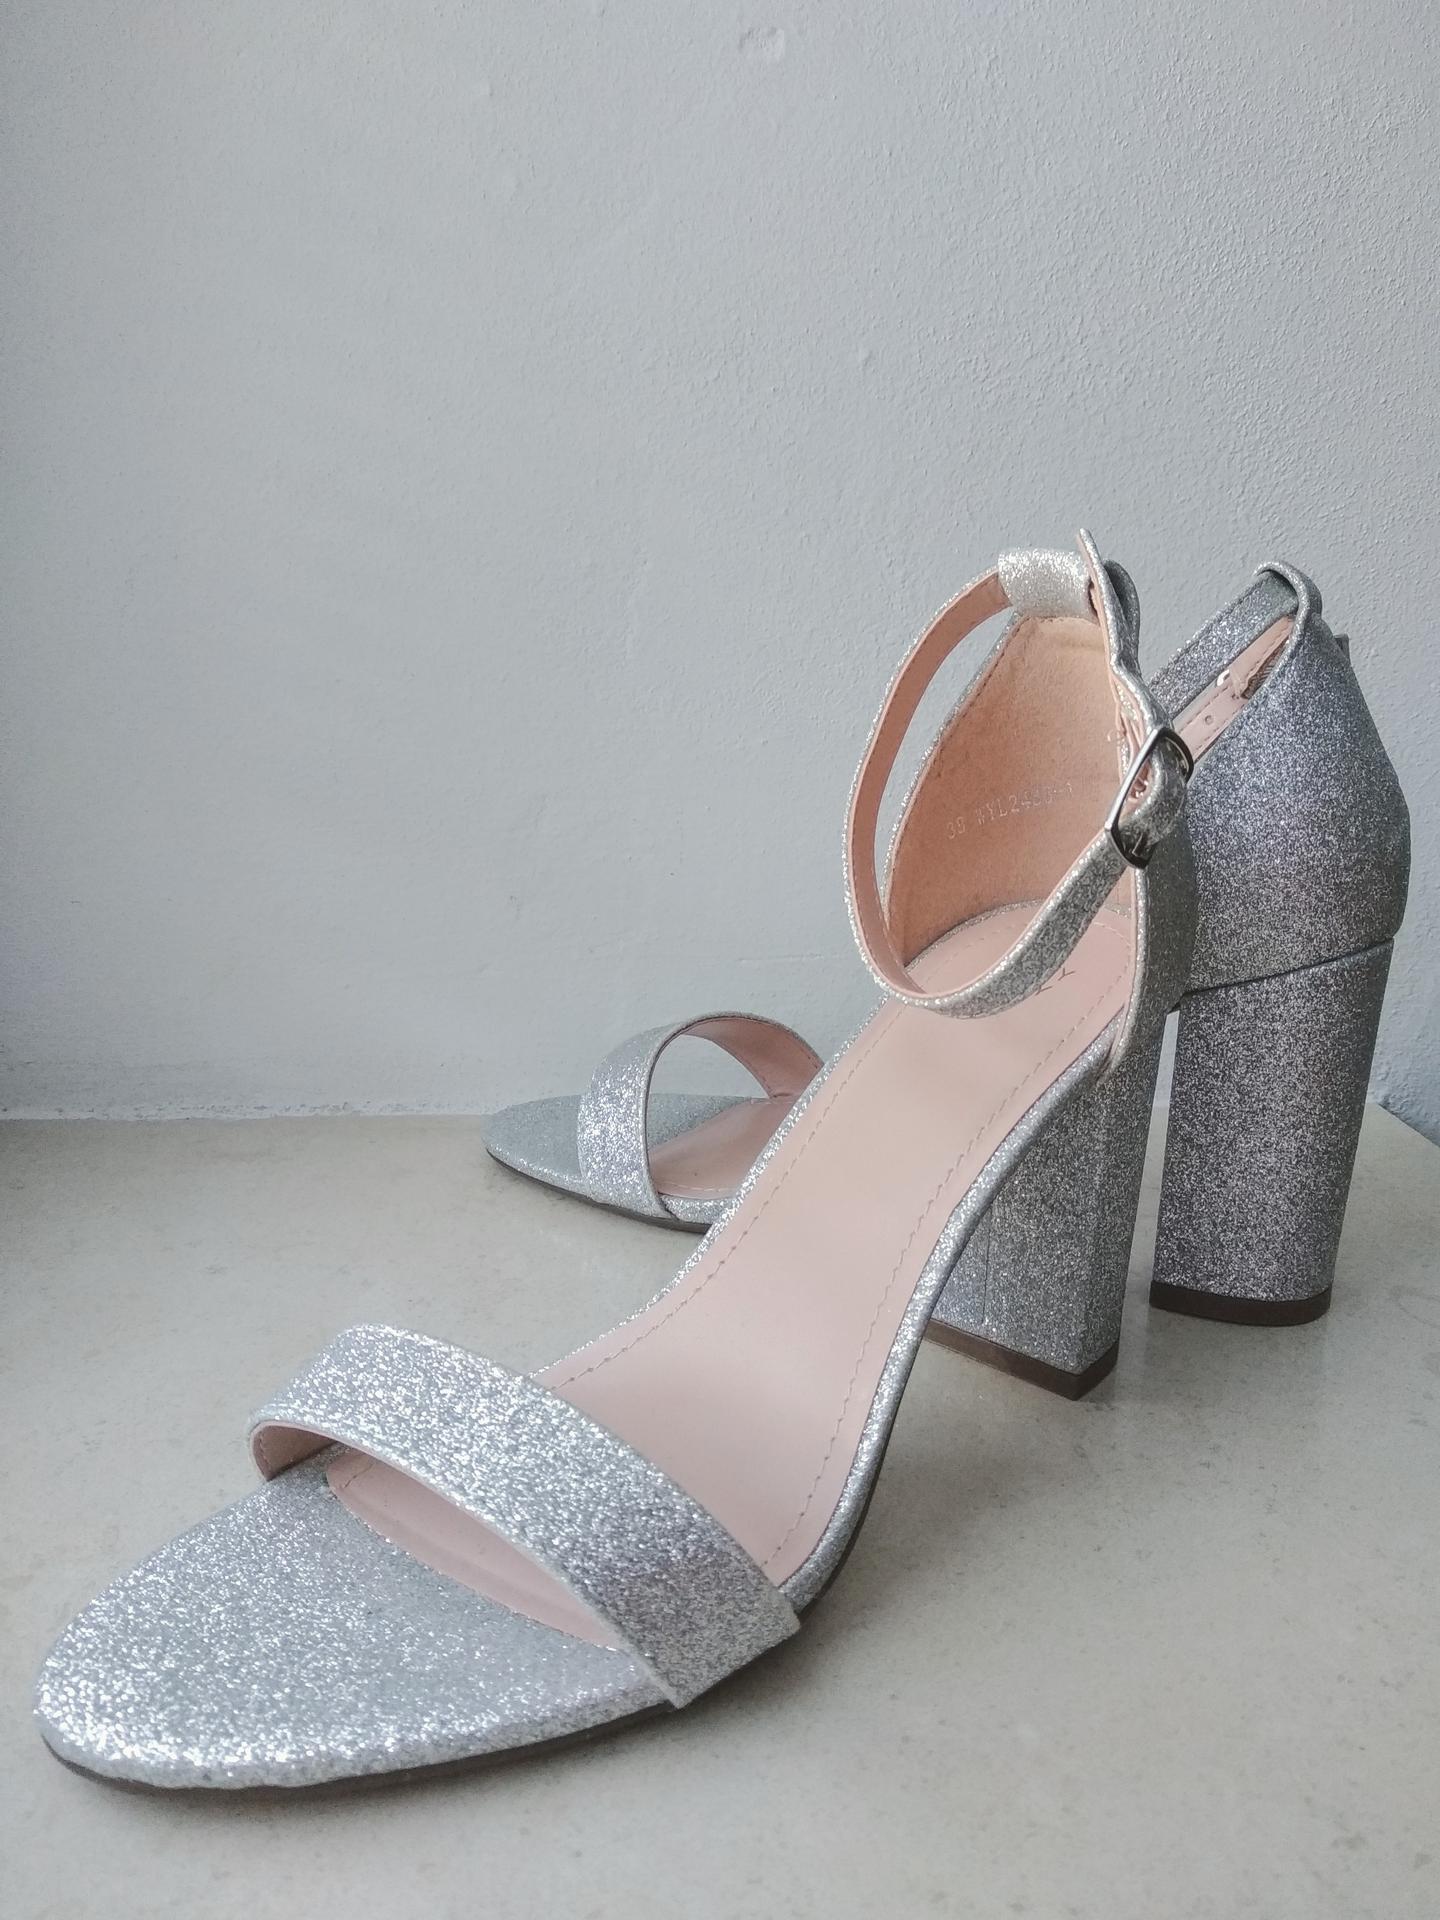 Svatební přípravy - Večer se plánuji přezout do vhodnějších bot, které lépe drží na noze díky pásku přes kotník a zvládnou tak všechny taneční kreace 😁 Možná zůstanu celý den v původních. Uvidíme dle situace. Chci mít možnost otevřenou a být připravena na vše :D